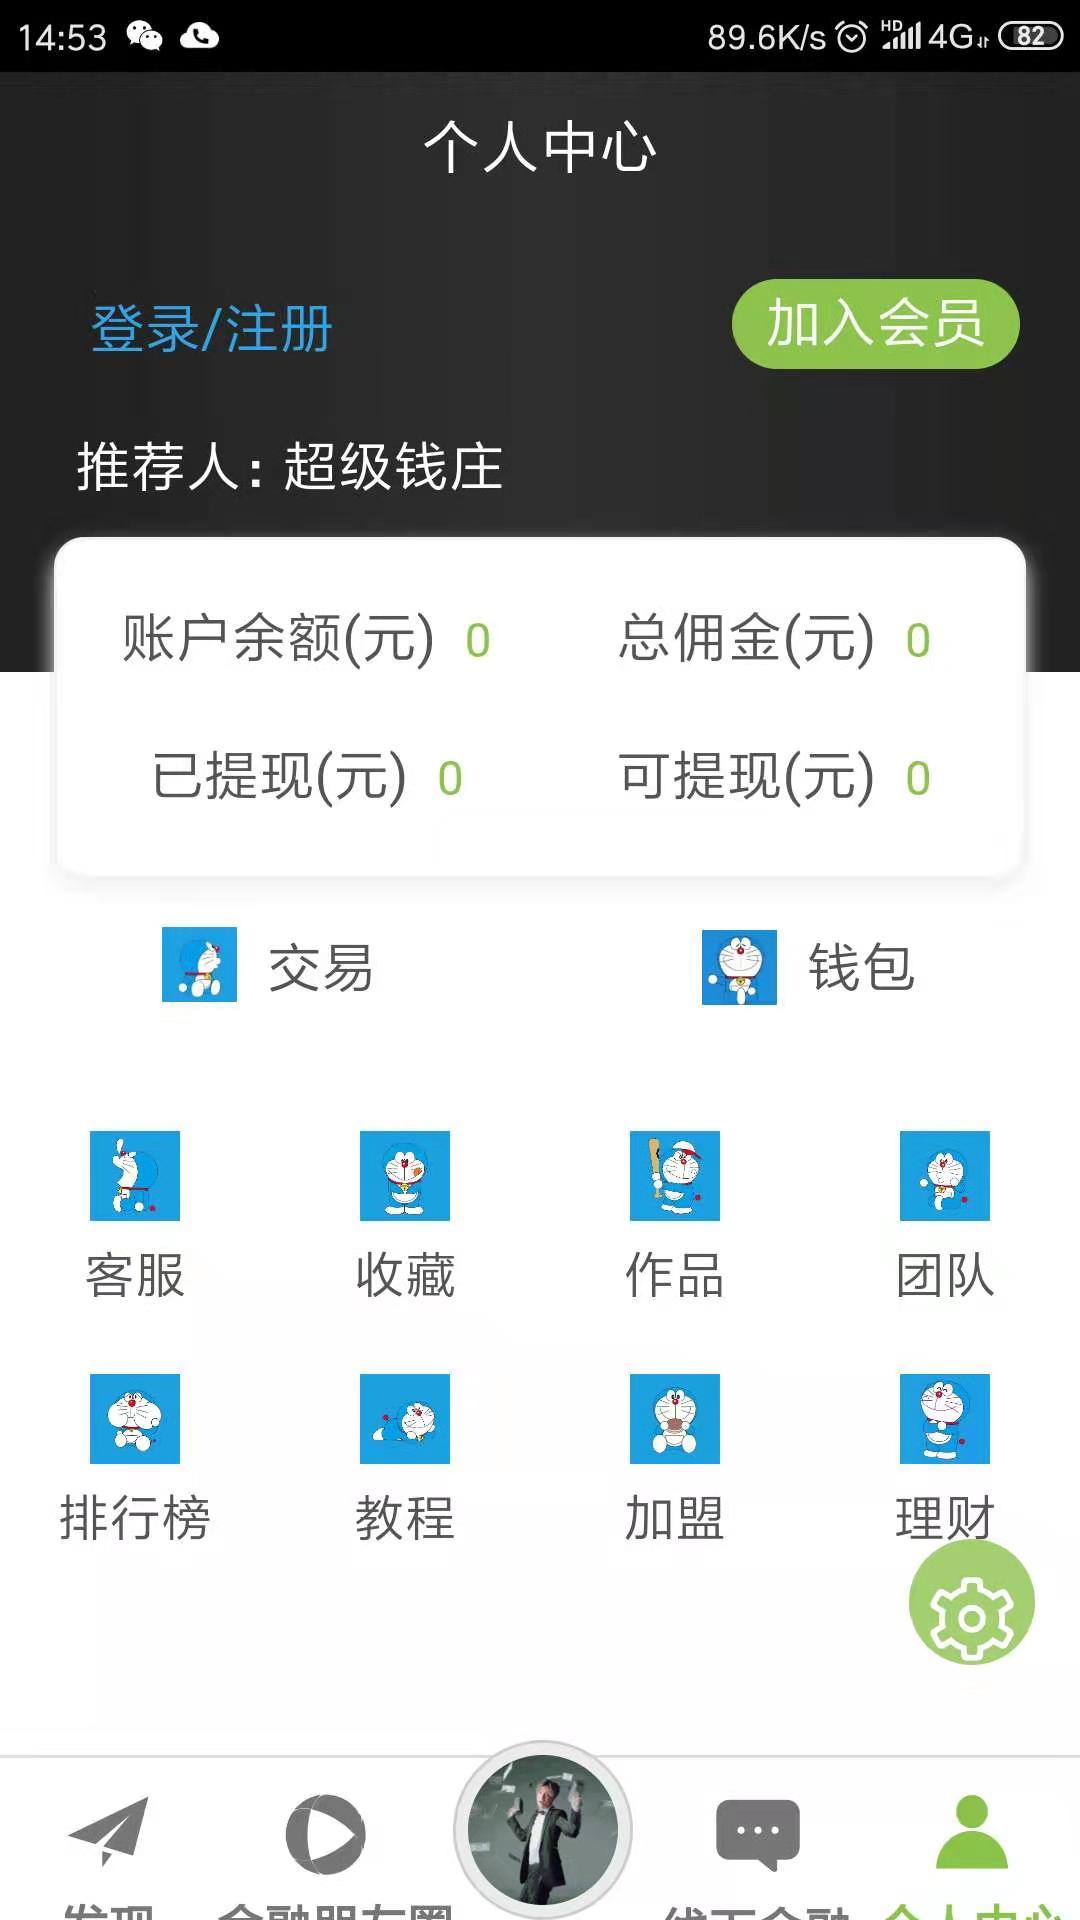 上海优质定制App优质商家 欢迎咨询 上海敏迭网络技术供应